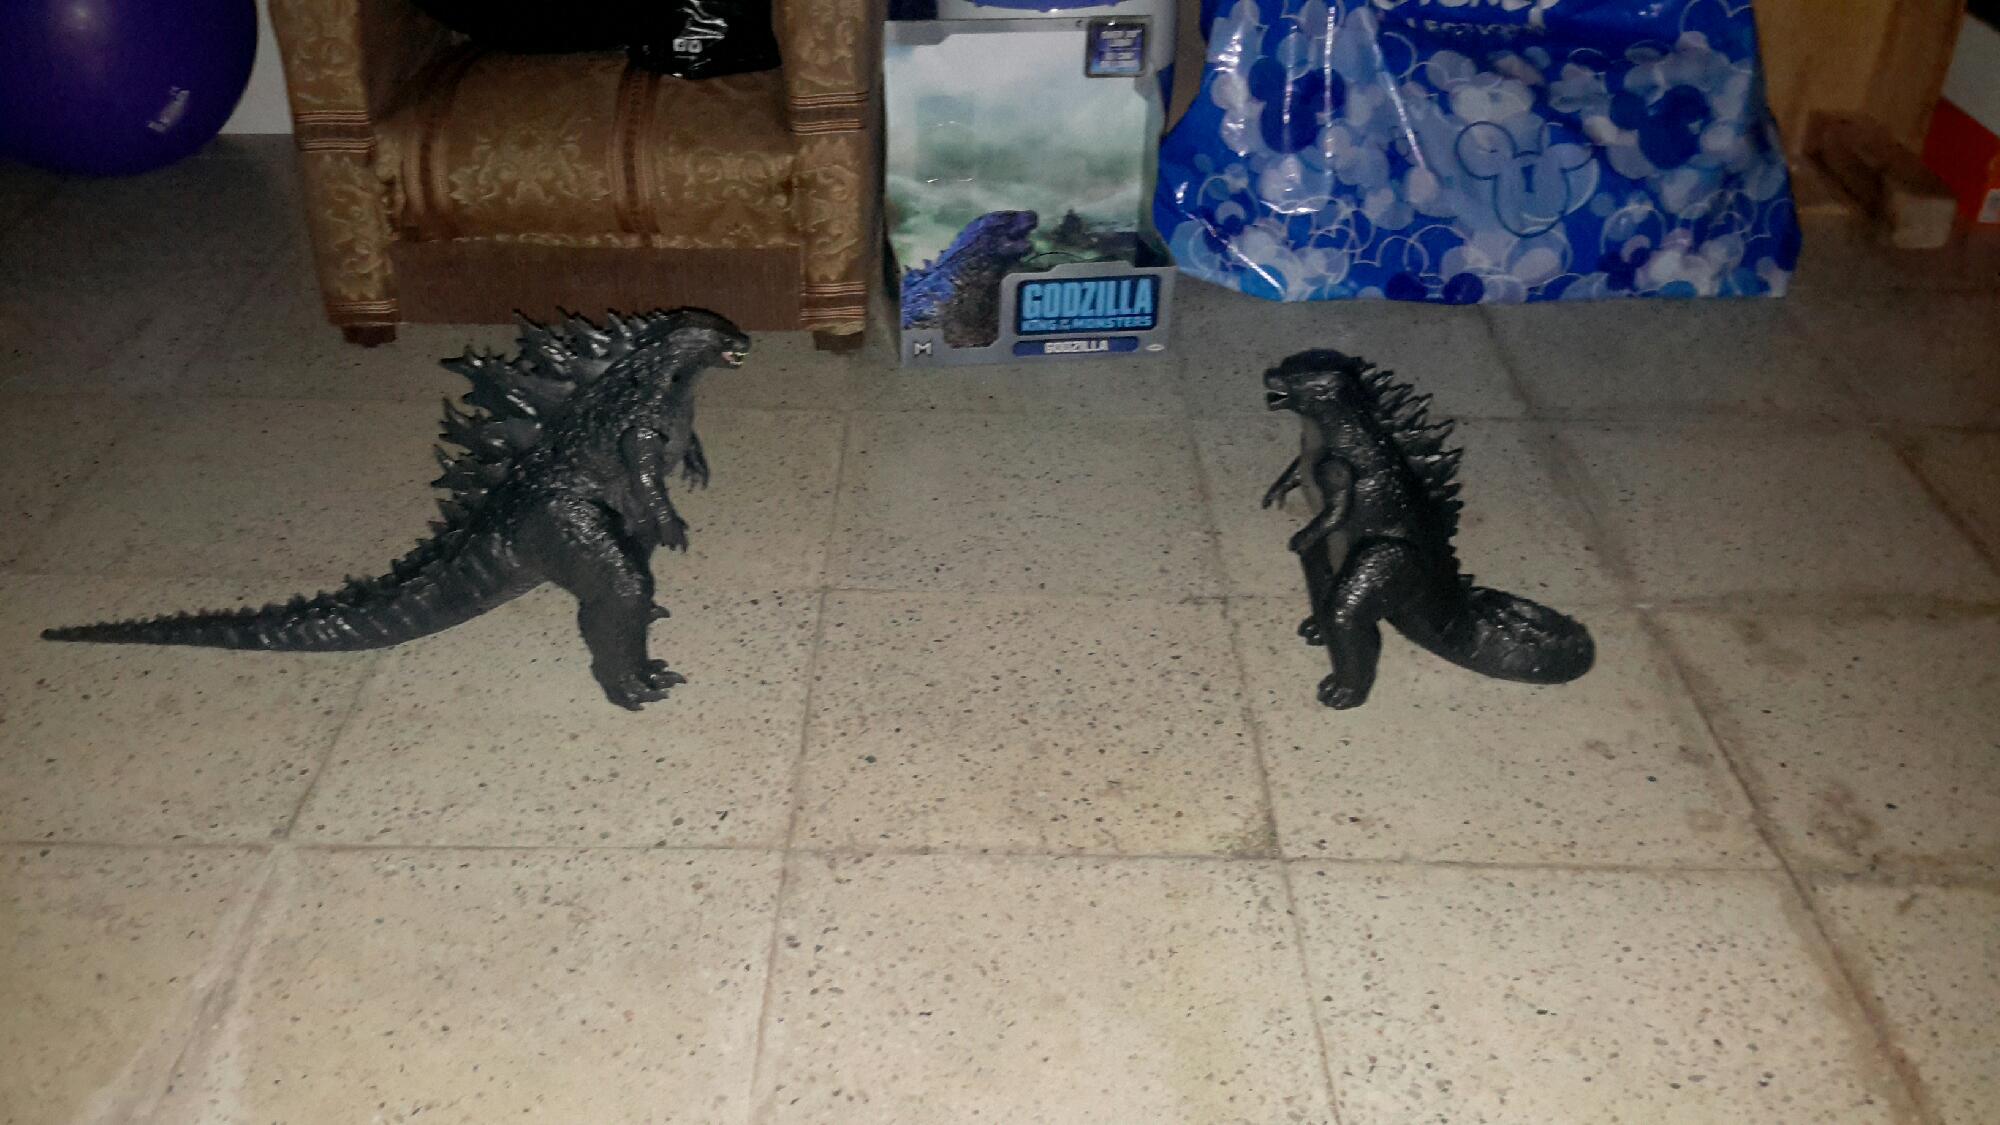 Godzilla 2014 vs godzilla 2019 quien gana